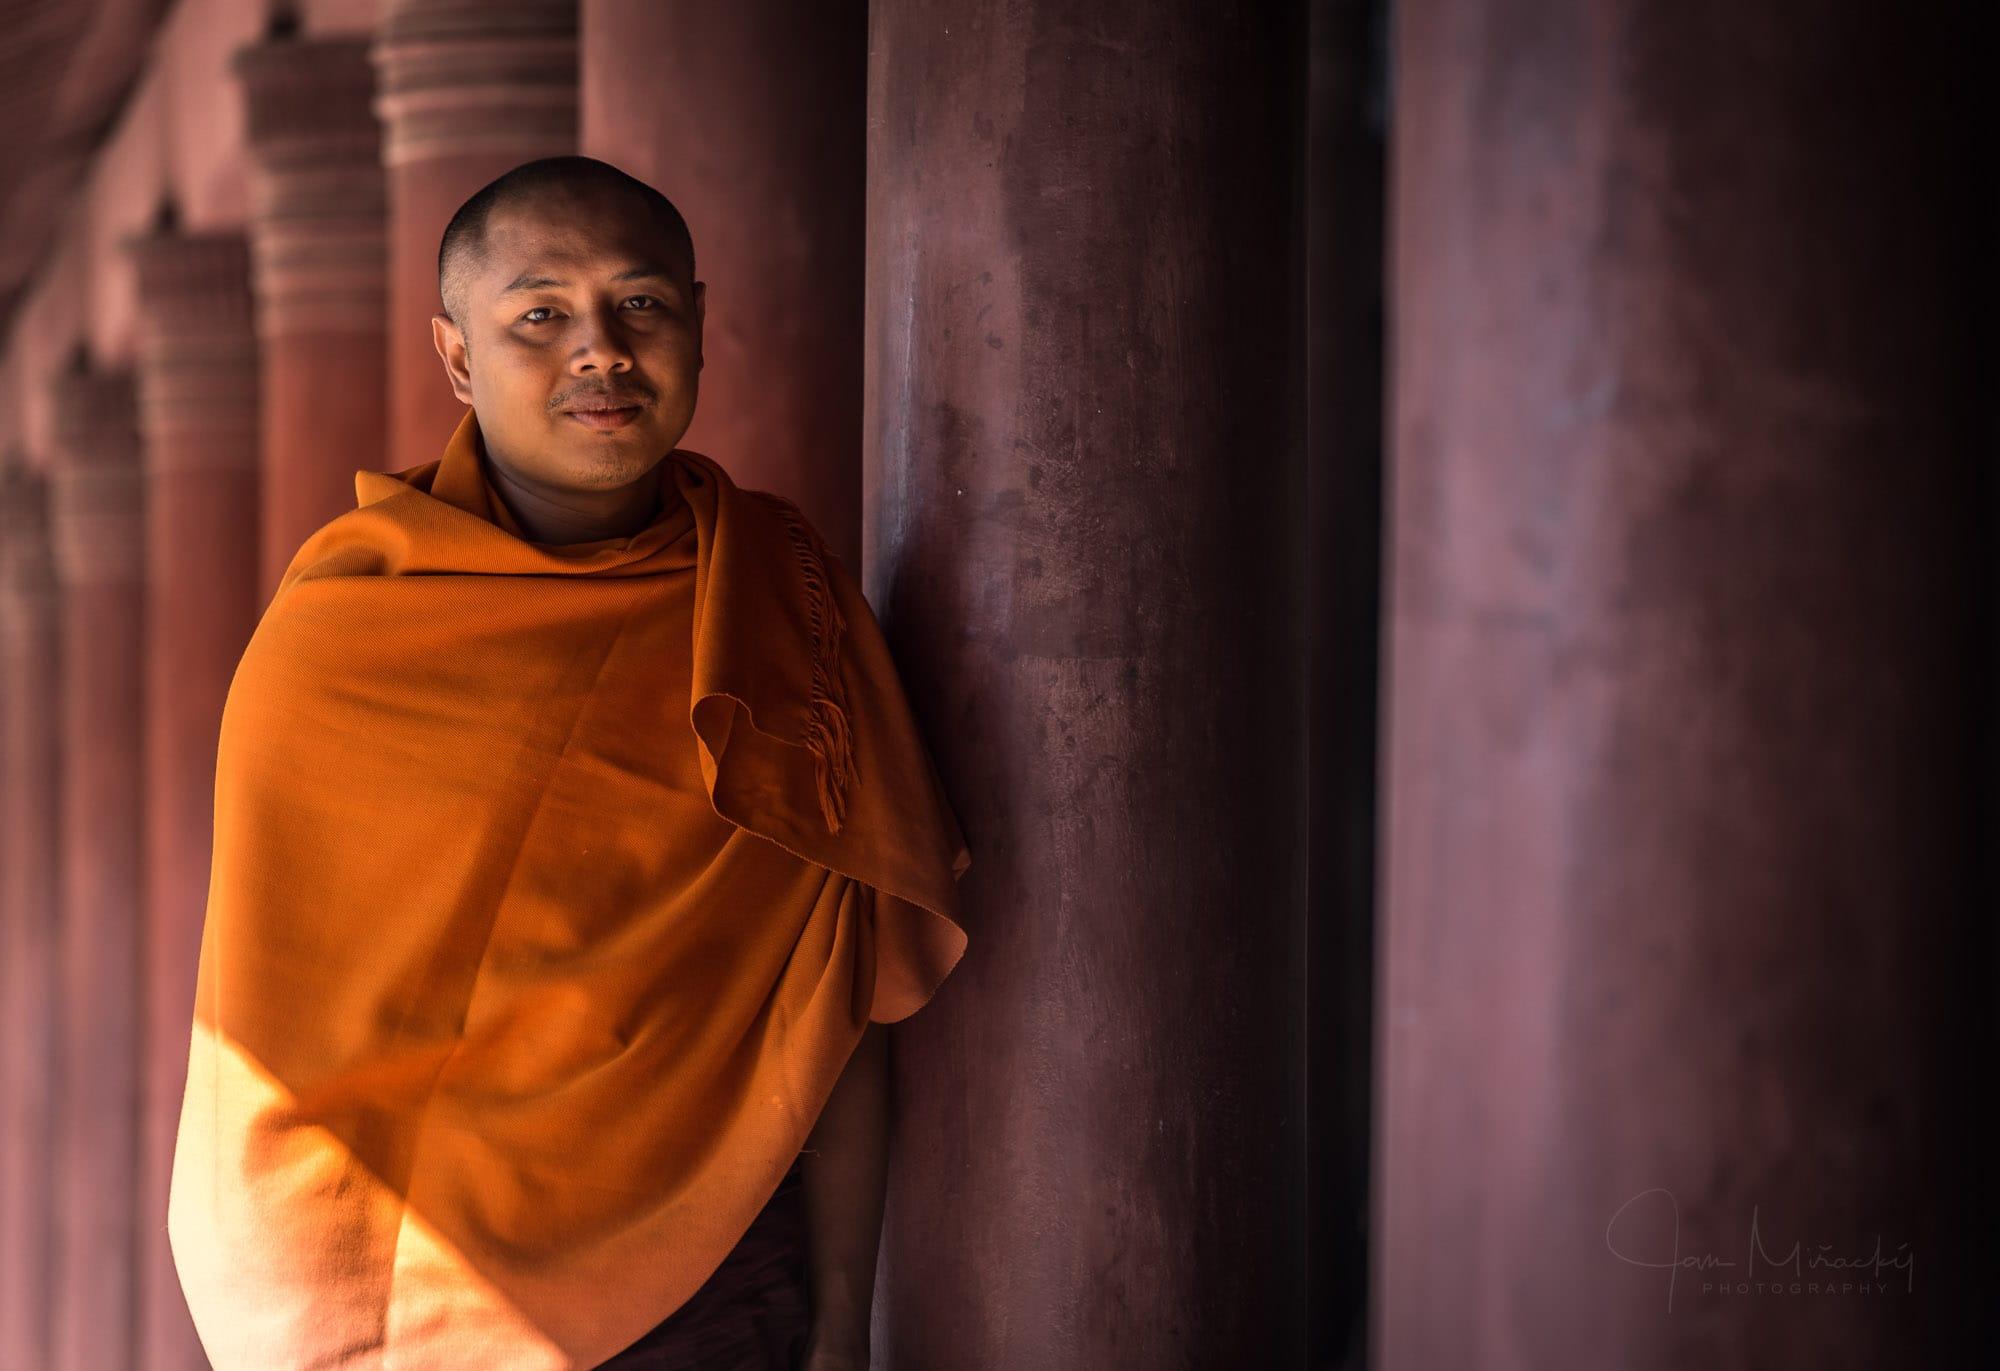 Monk at Royal Palace in Mandalay